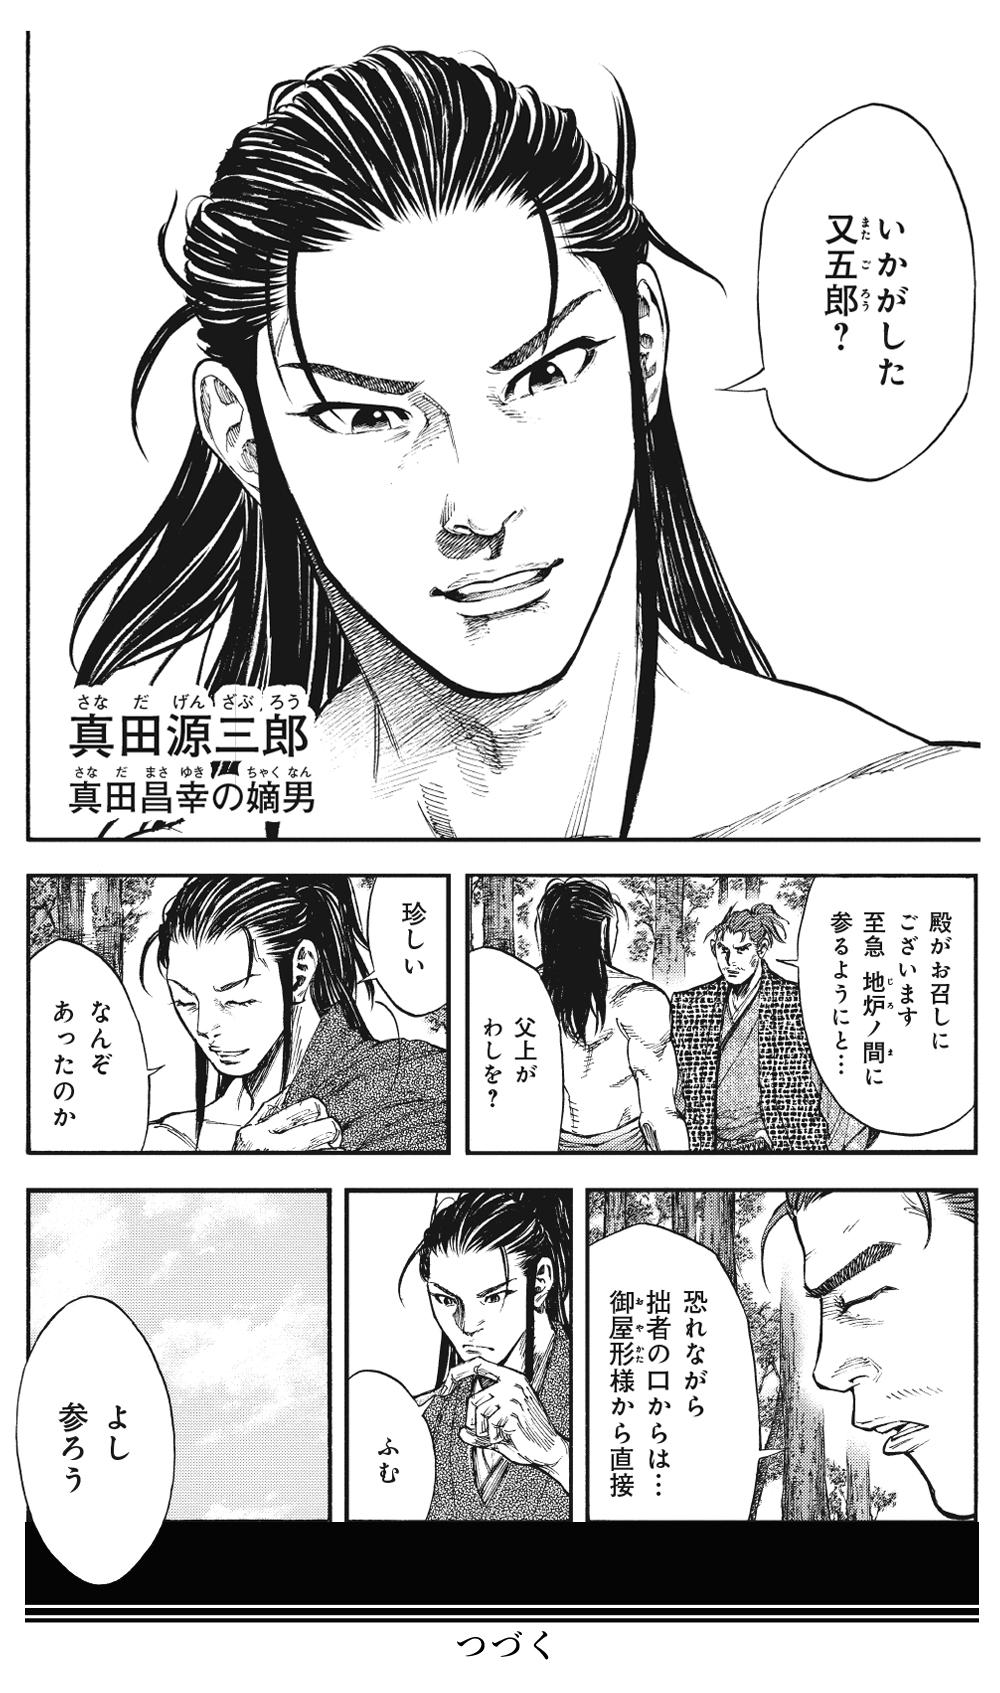 真田太平記 第8話「真田兄弟」①sanada14-10.jpg